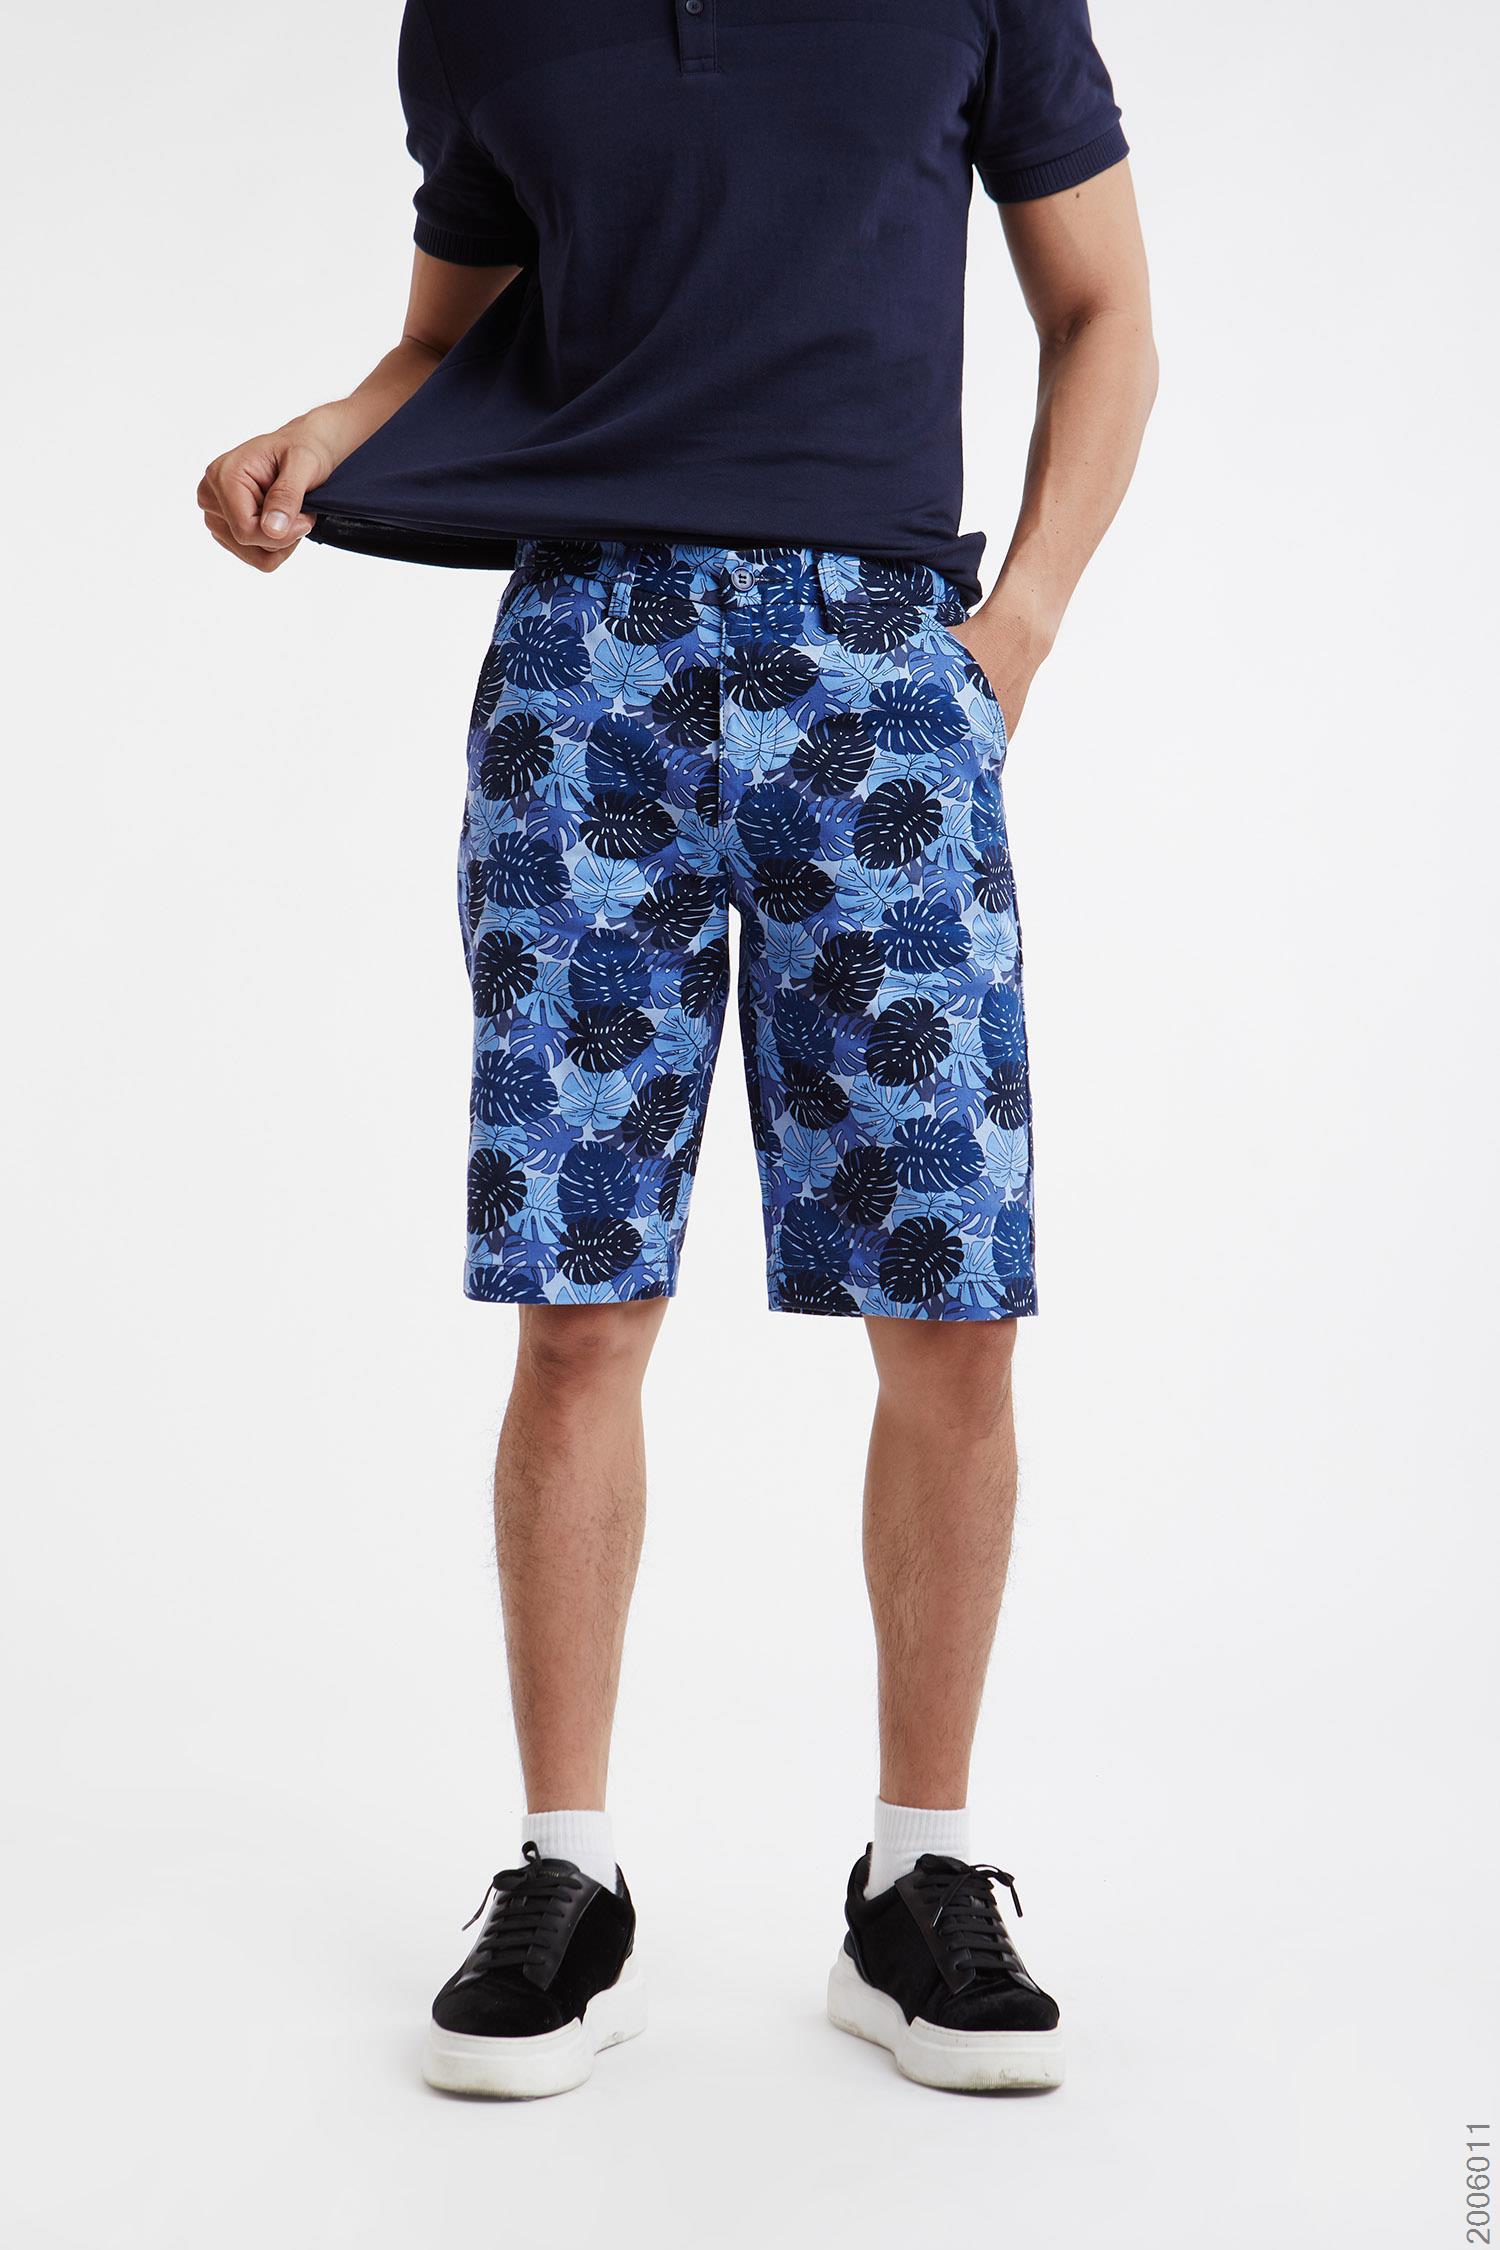 quần short nam - 2006011